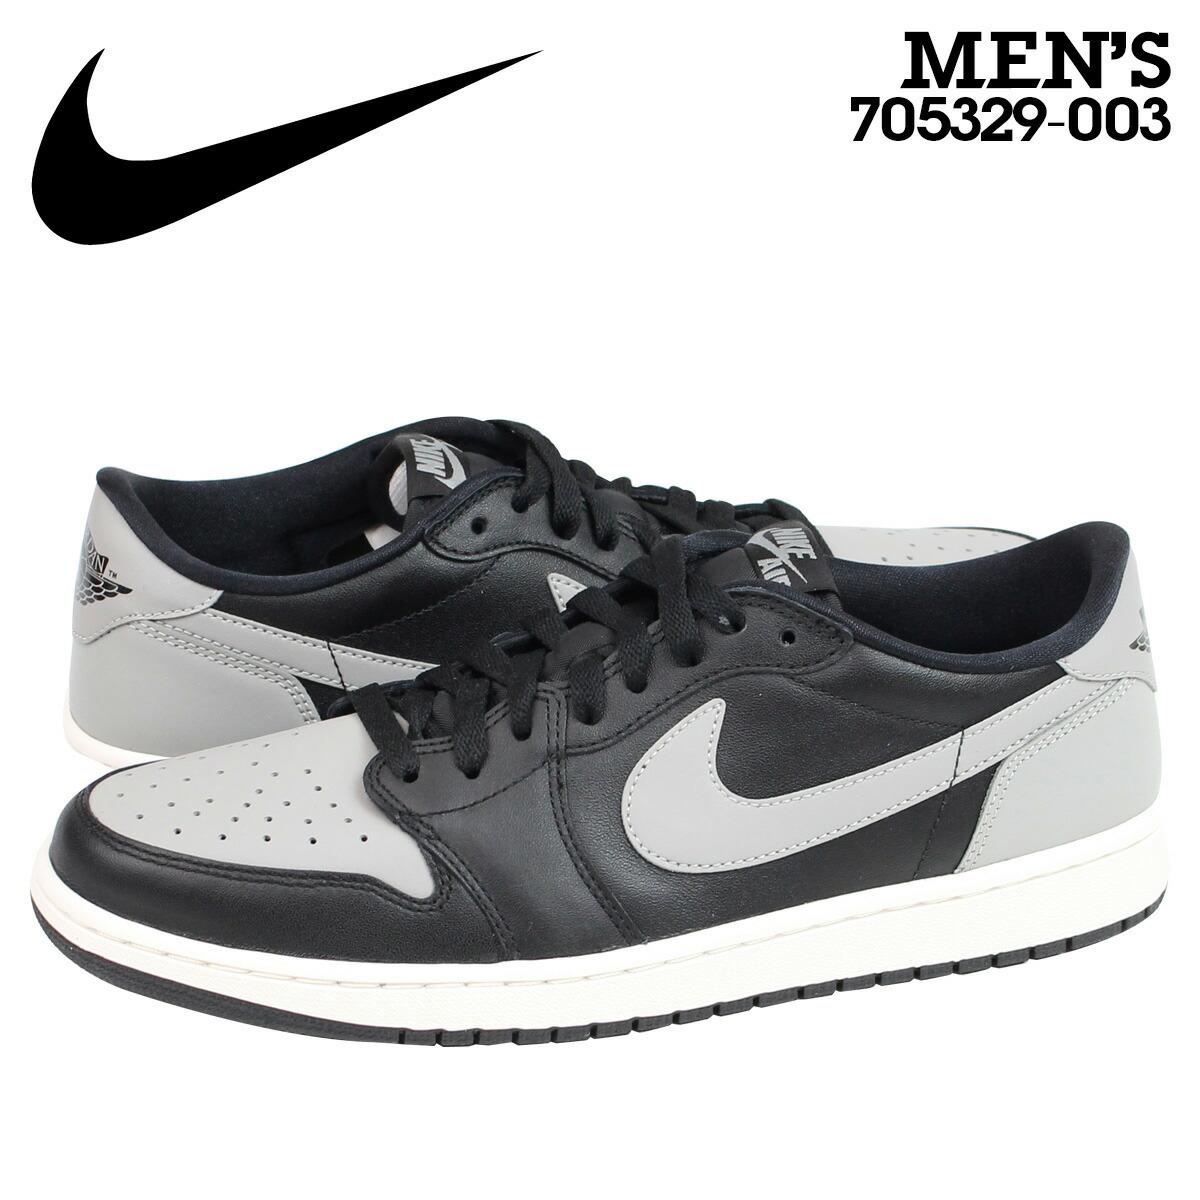 名称中の「エア」は同社が有するソール用のエアクッション技術を用いた運動靴シリーズであることを意味し、シリーズ名としての「ジョーダン」はNBA選手マイケル・  ...